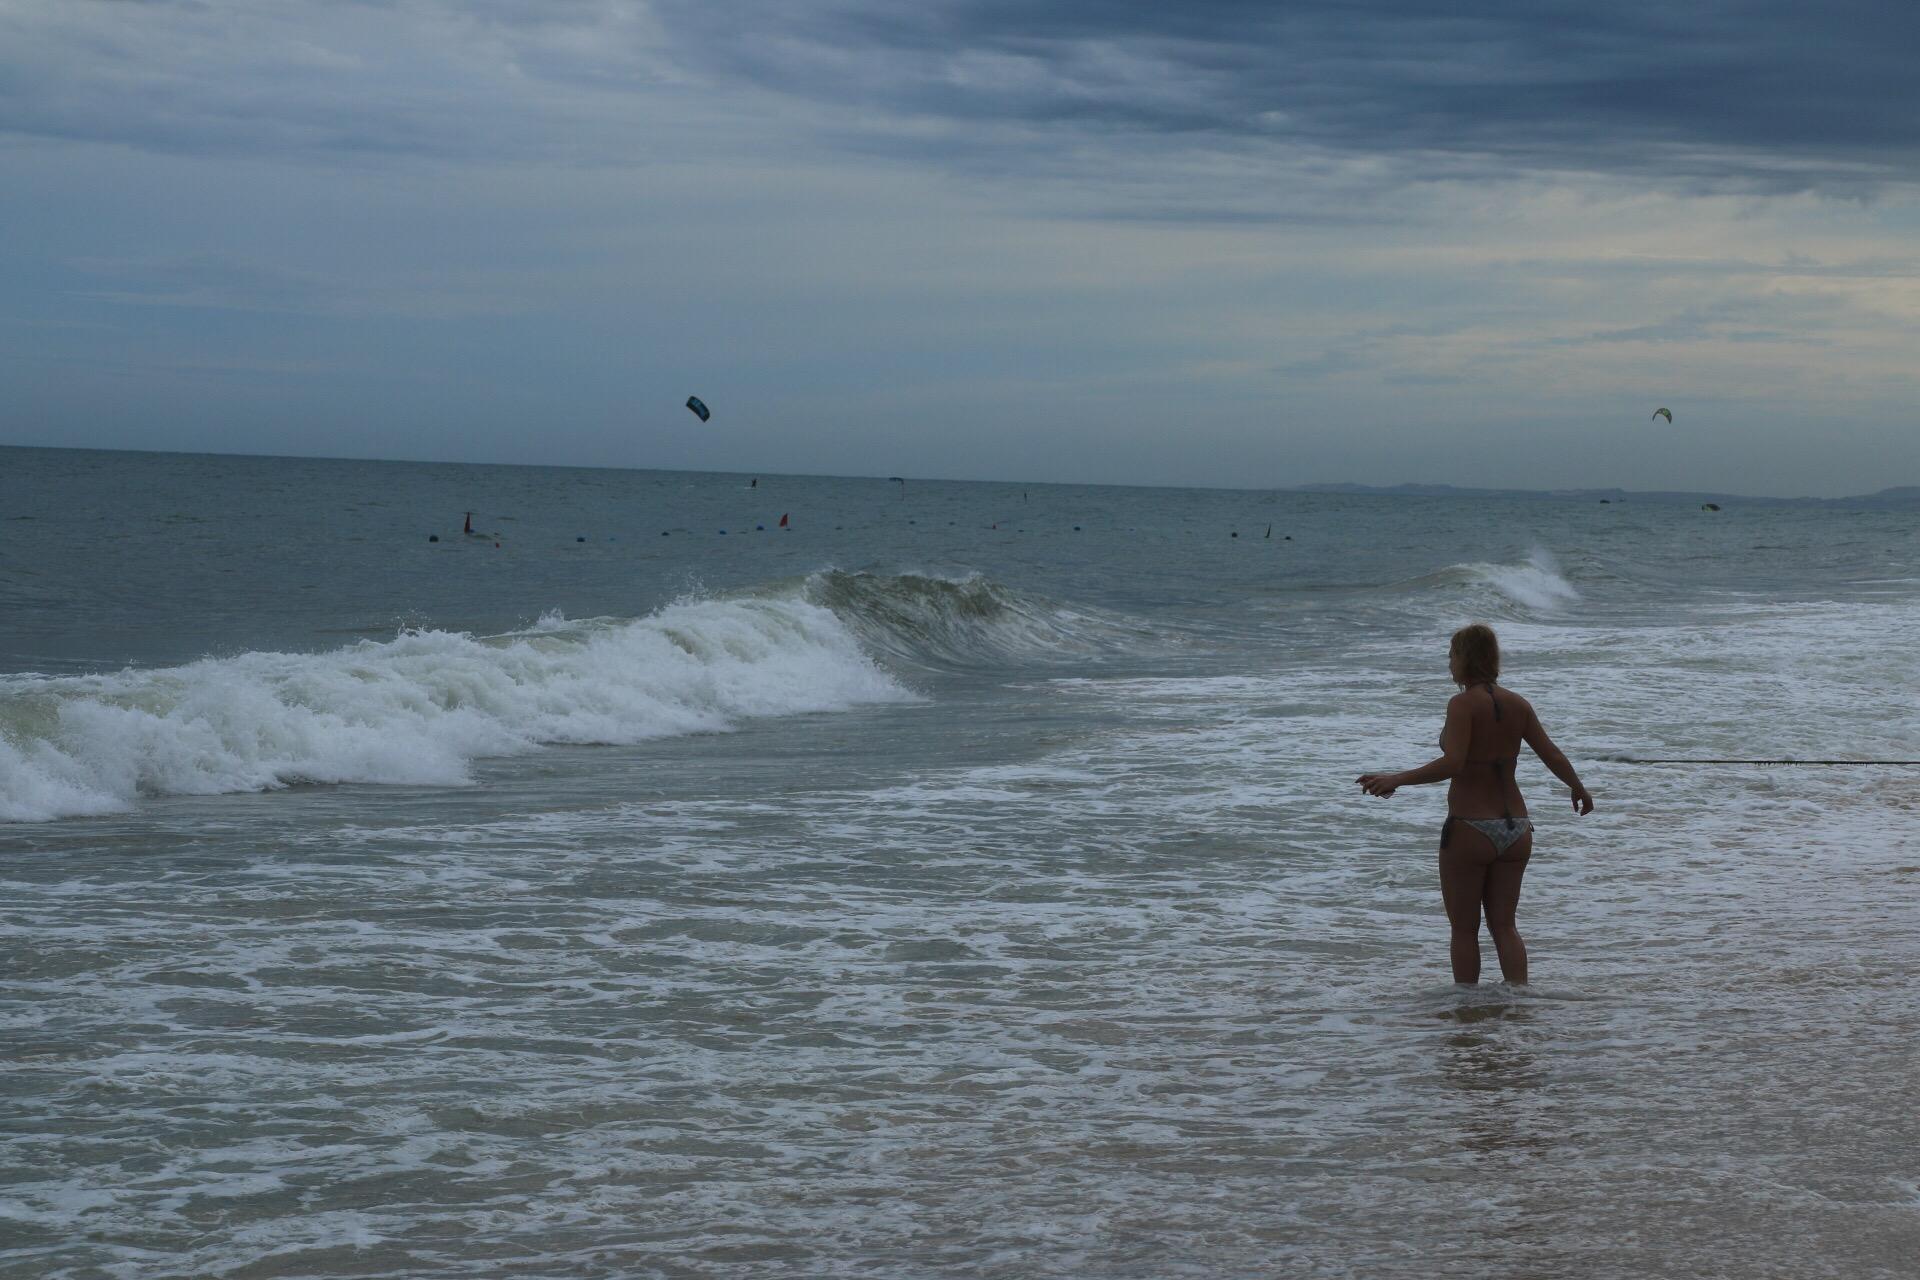 Wellen bei roter Flagge. Baden nur noch für gute Schwimmer erlaubt.